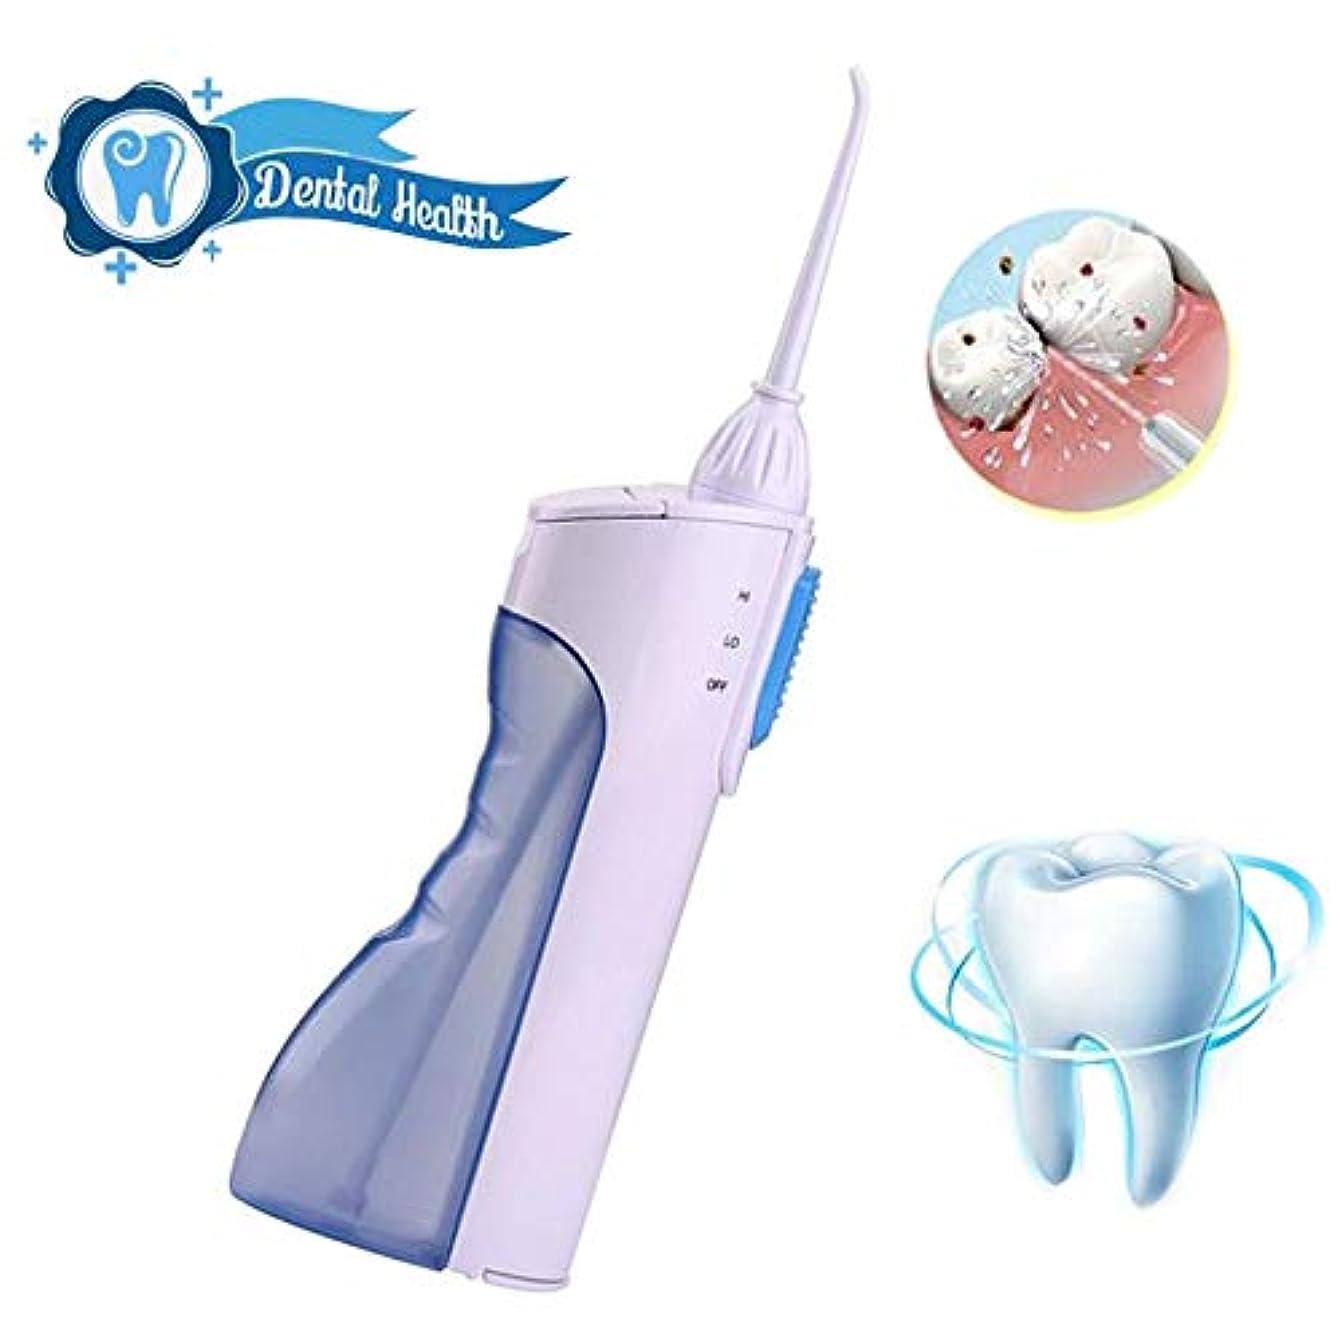 配置どうしたのストリーム歯のための水フロッサー、165mlタンクと2つのジェット機の先端が付いている携帯用専門のコードレス歯科口頭潅漑器、2つのクリーニングモード